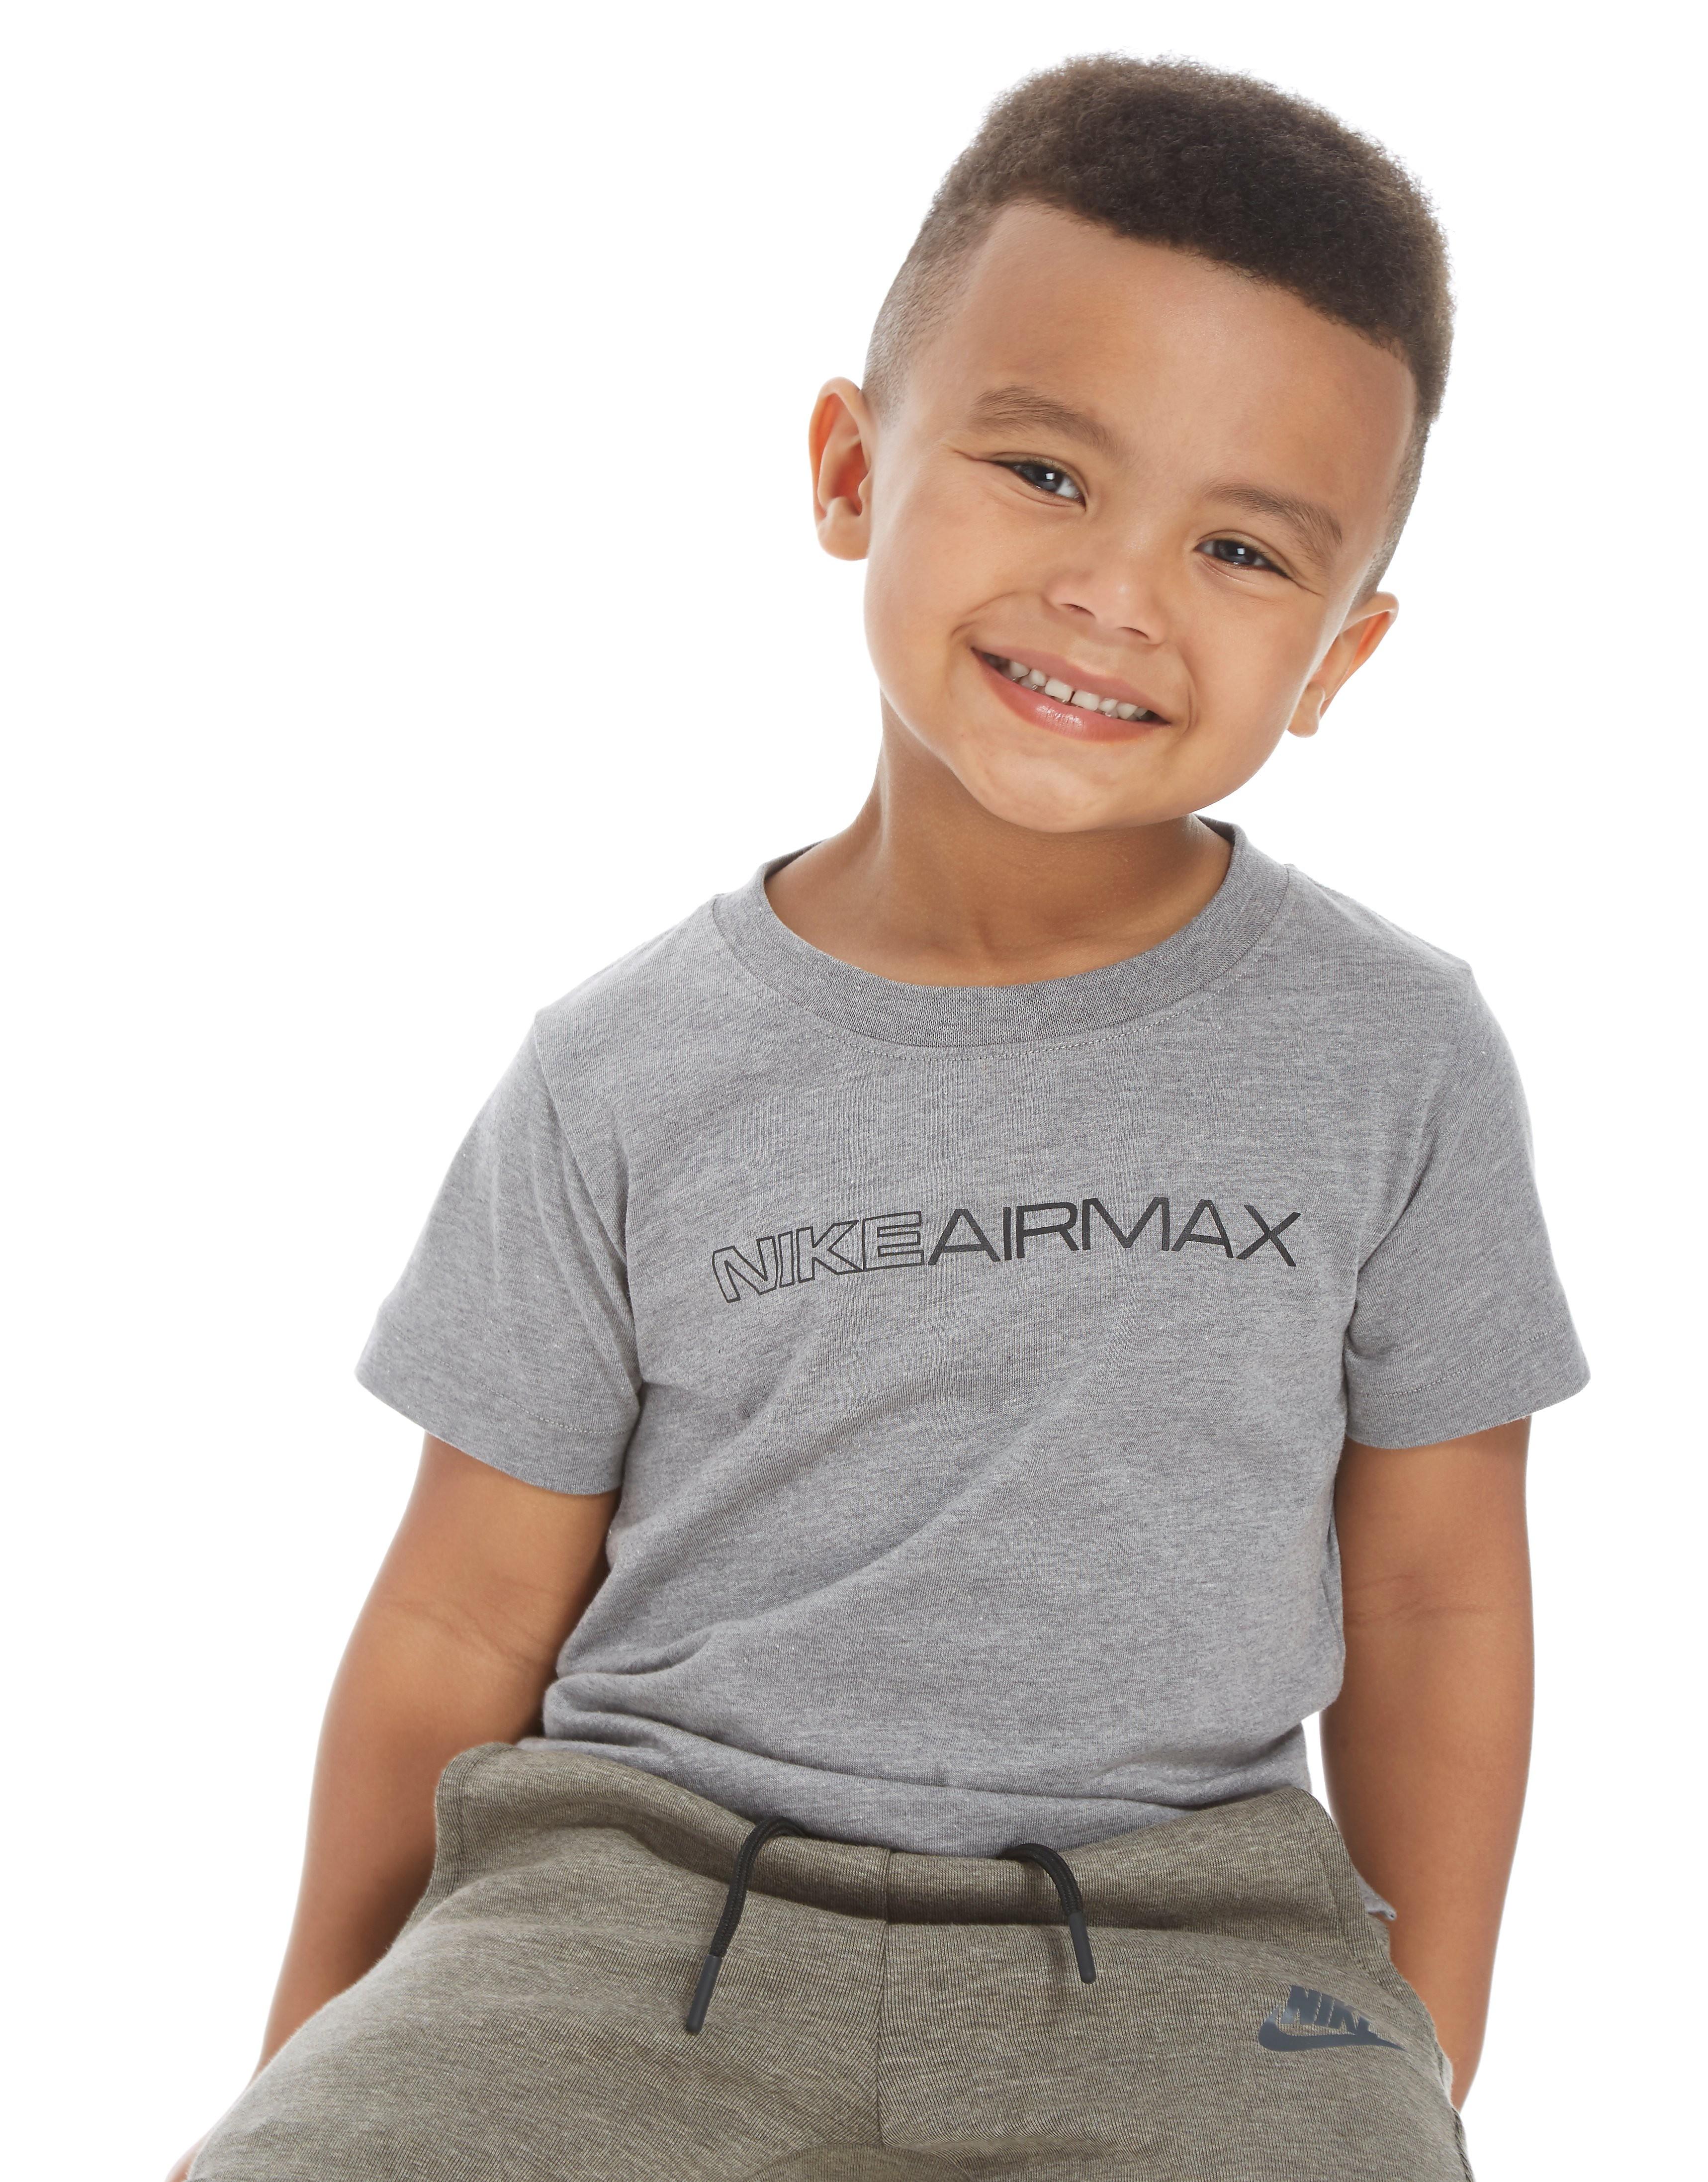 Nike Air Max T-Shirt Children